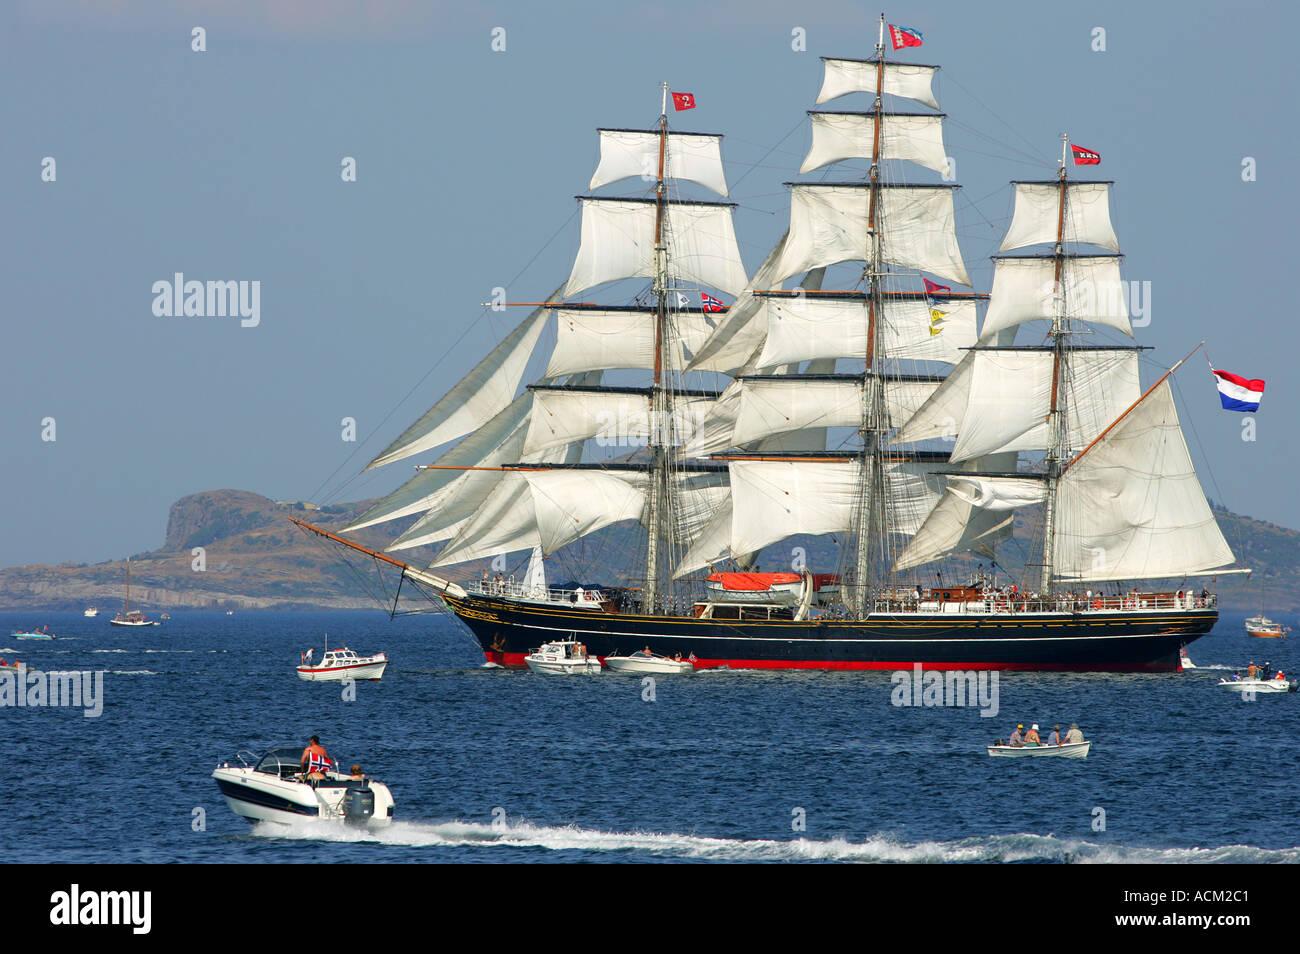 Tall ships race Stavanger - Stock Image